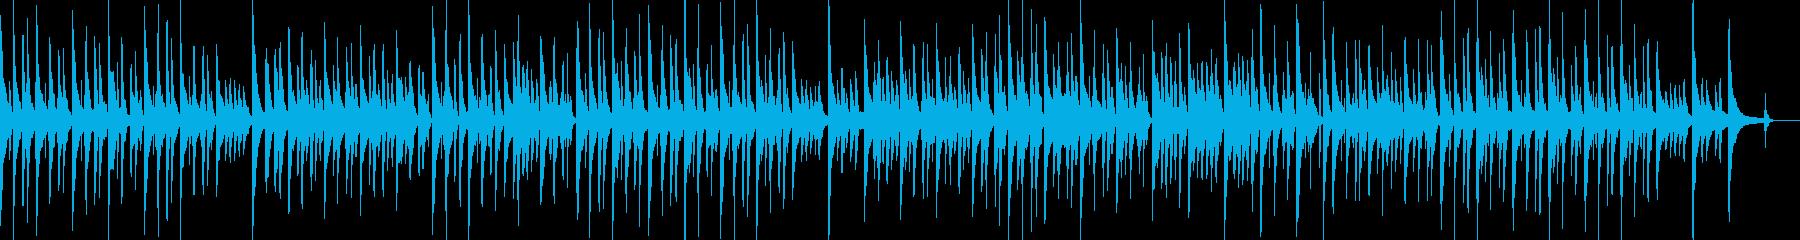 【ペット・料理・ゲーム】ほのぼのマリンバの再生済みの波形